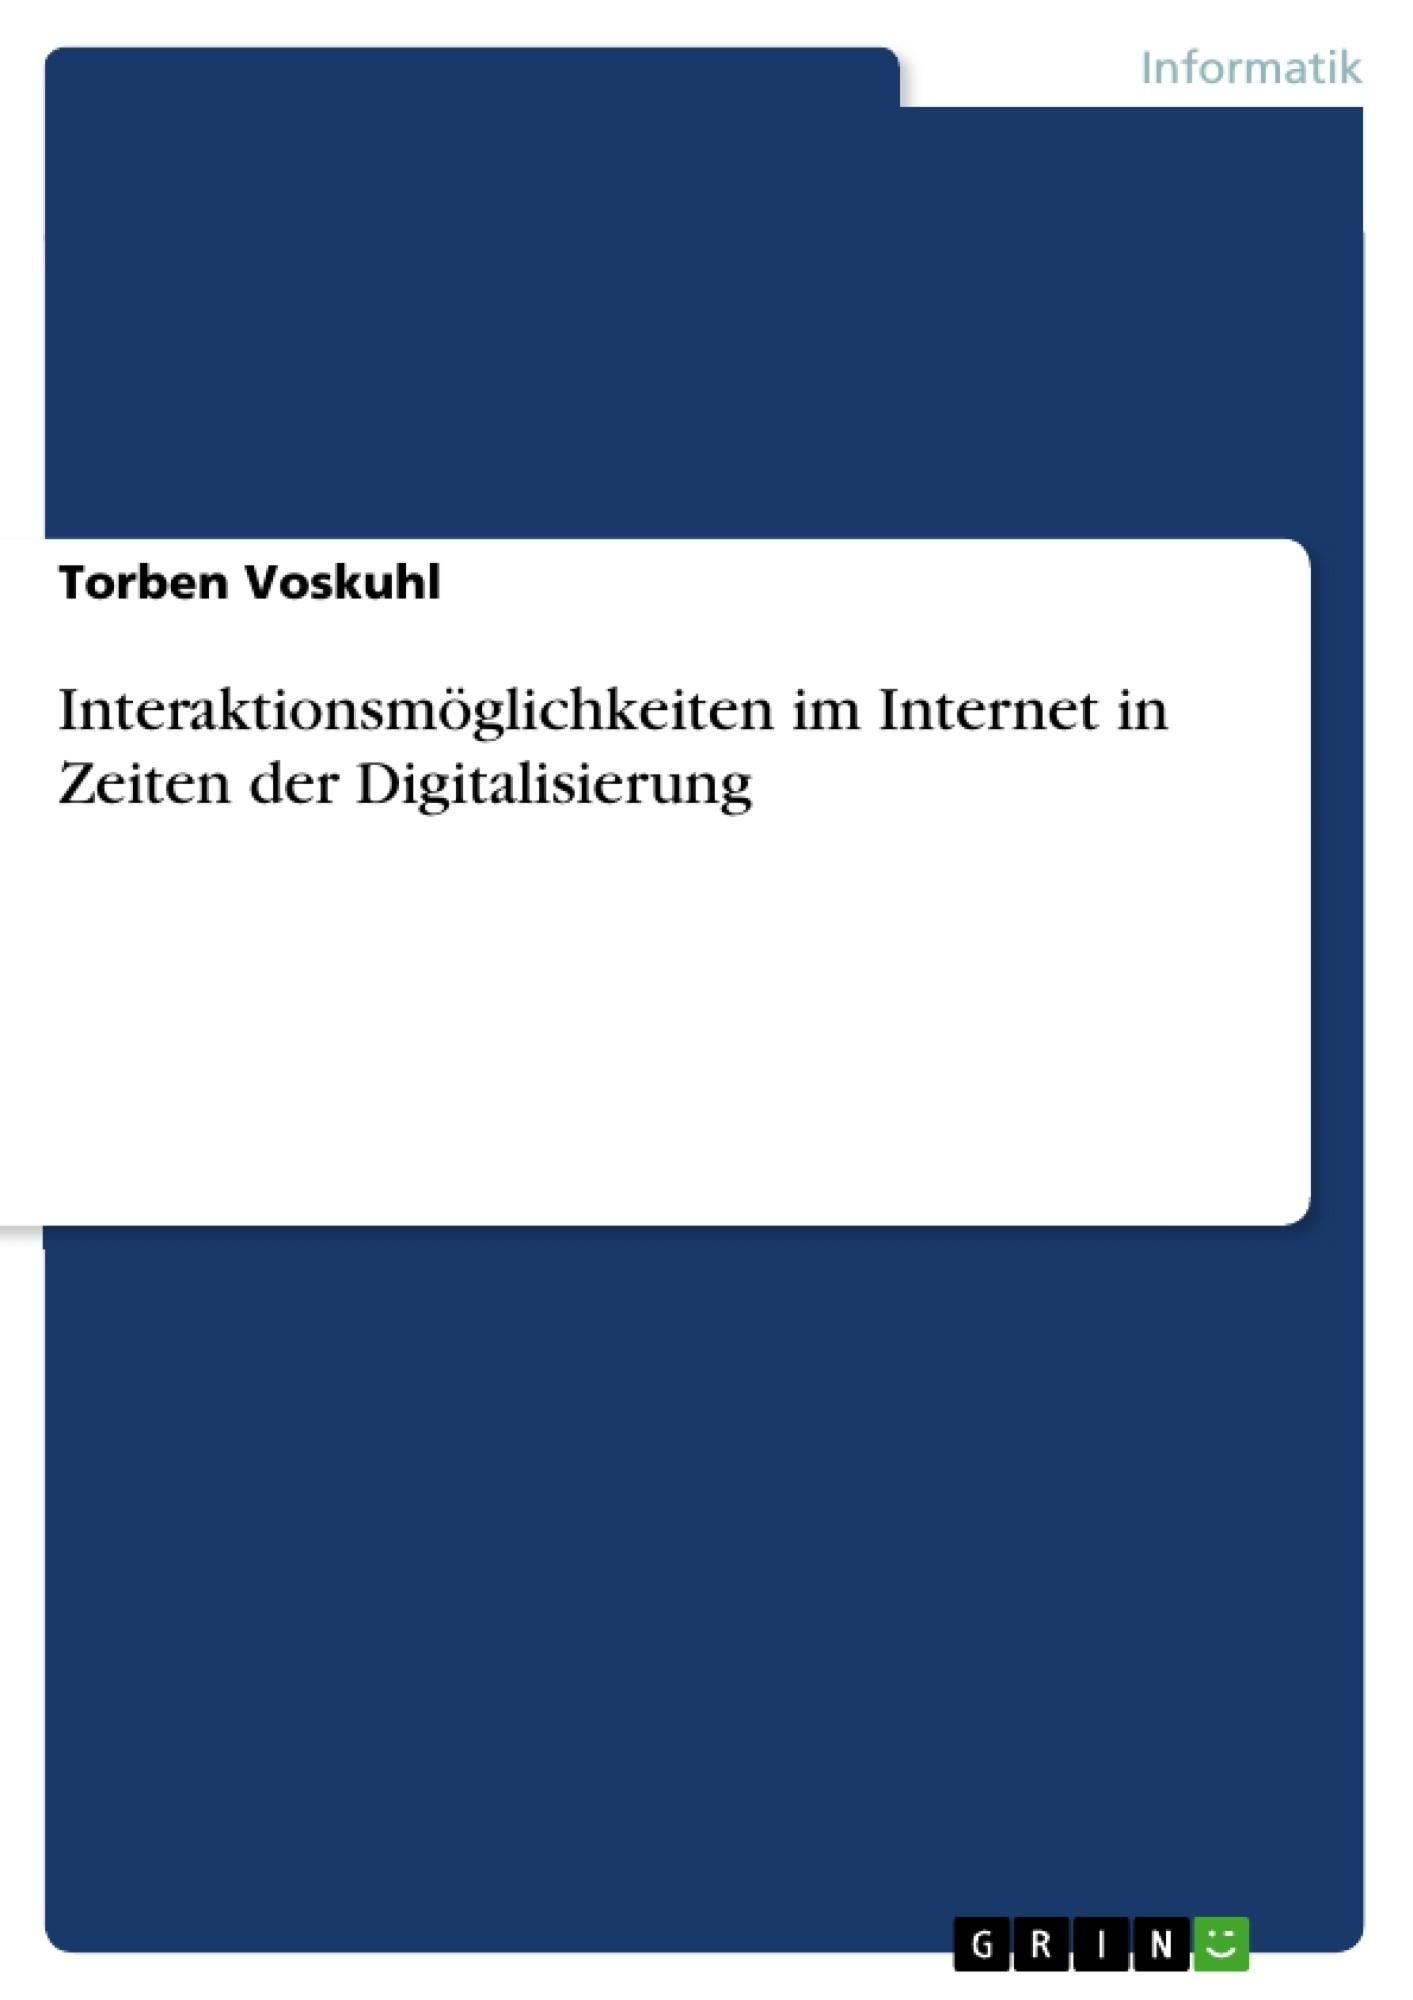 Titel: Interaktionsmöglichkeiten im Internet in Zeiten der Digitalisierung